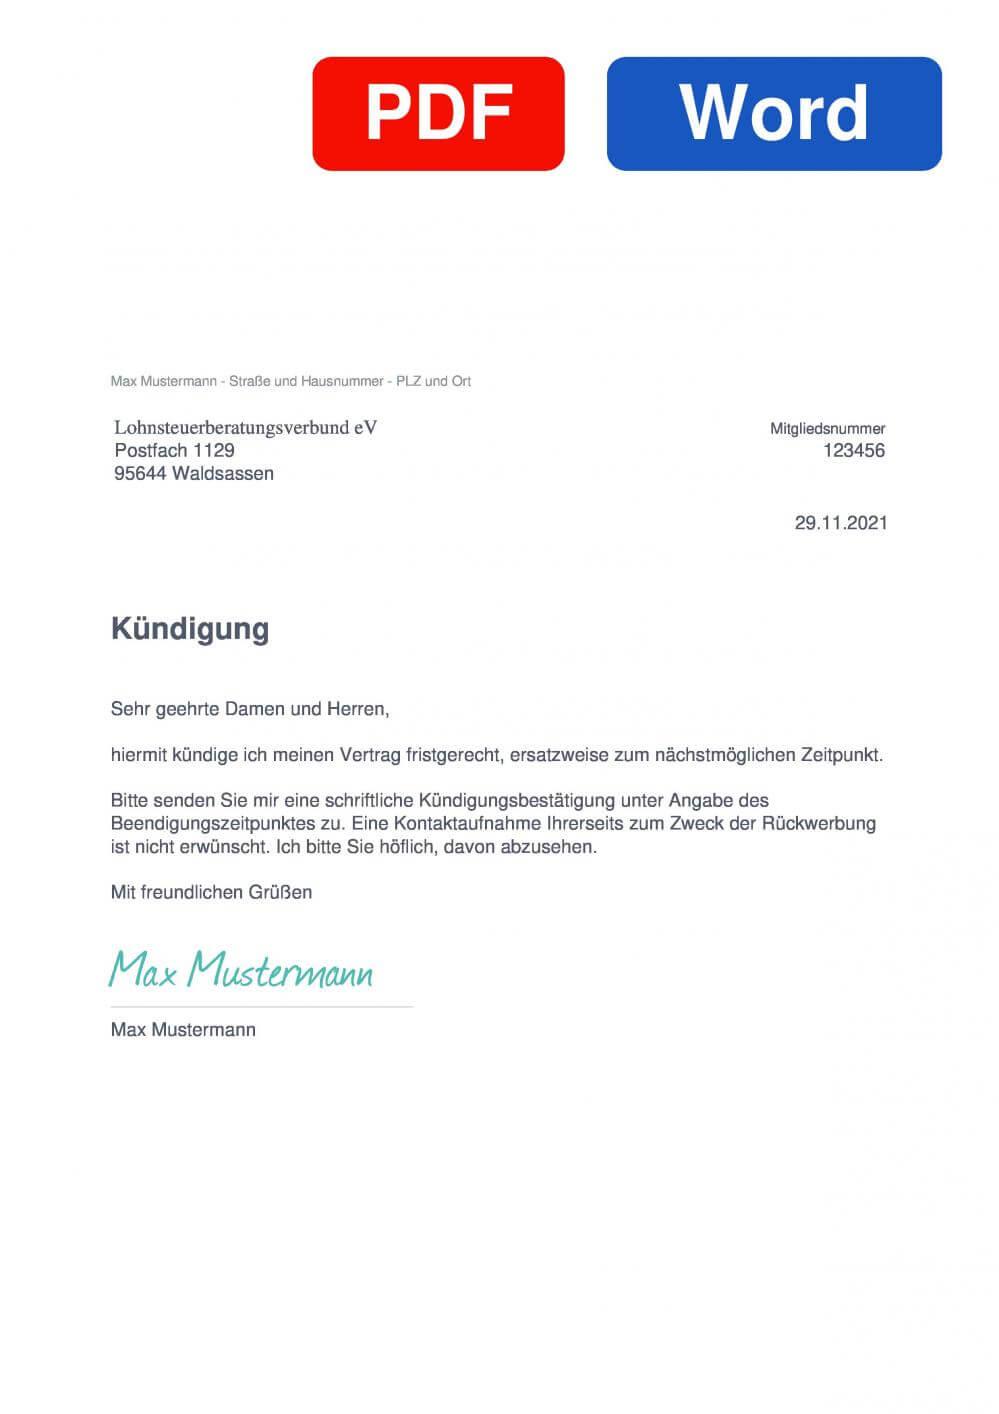 Lohnsteuerberatungsverbund Muster Vorlage für Kündigungsschreiben